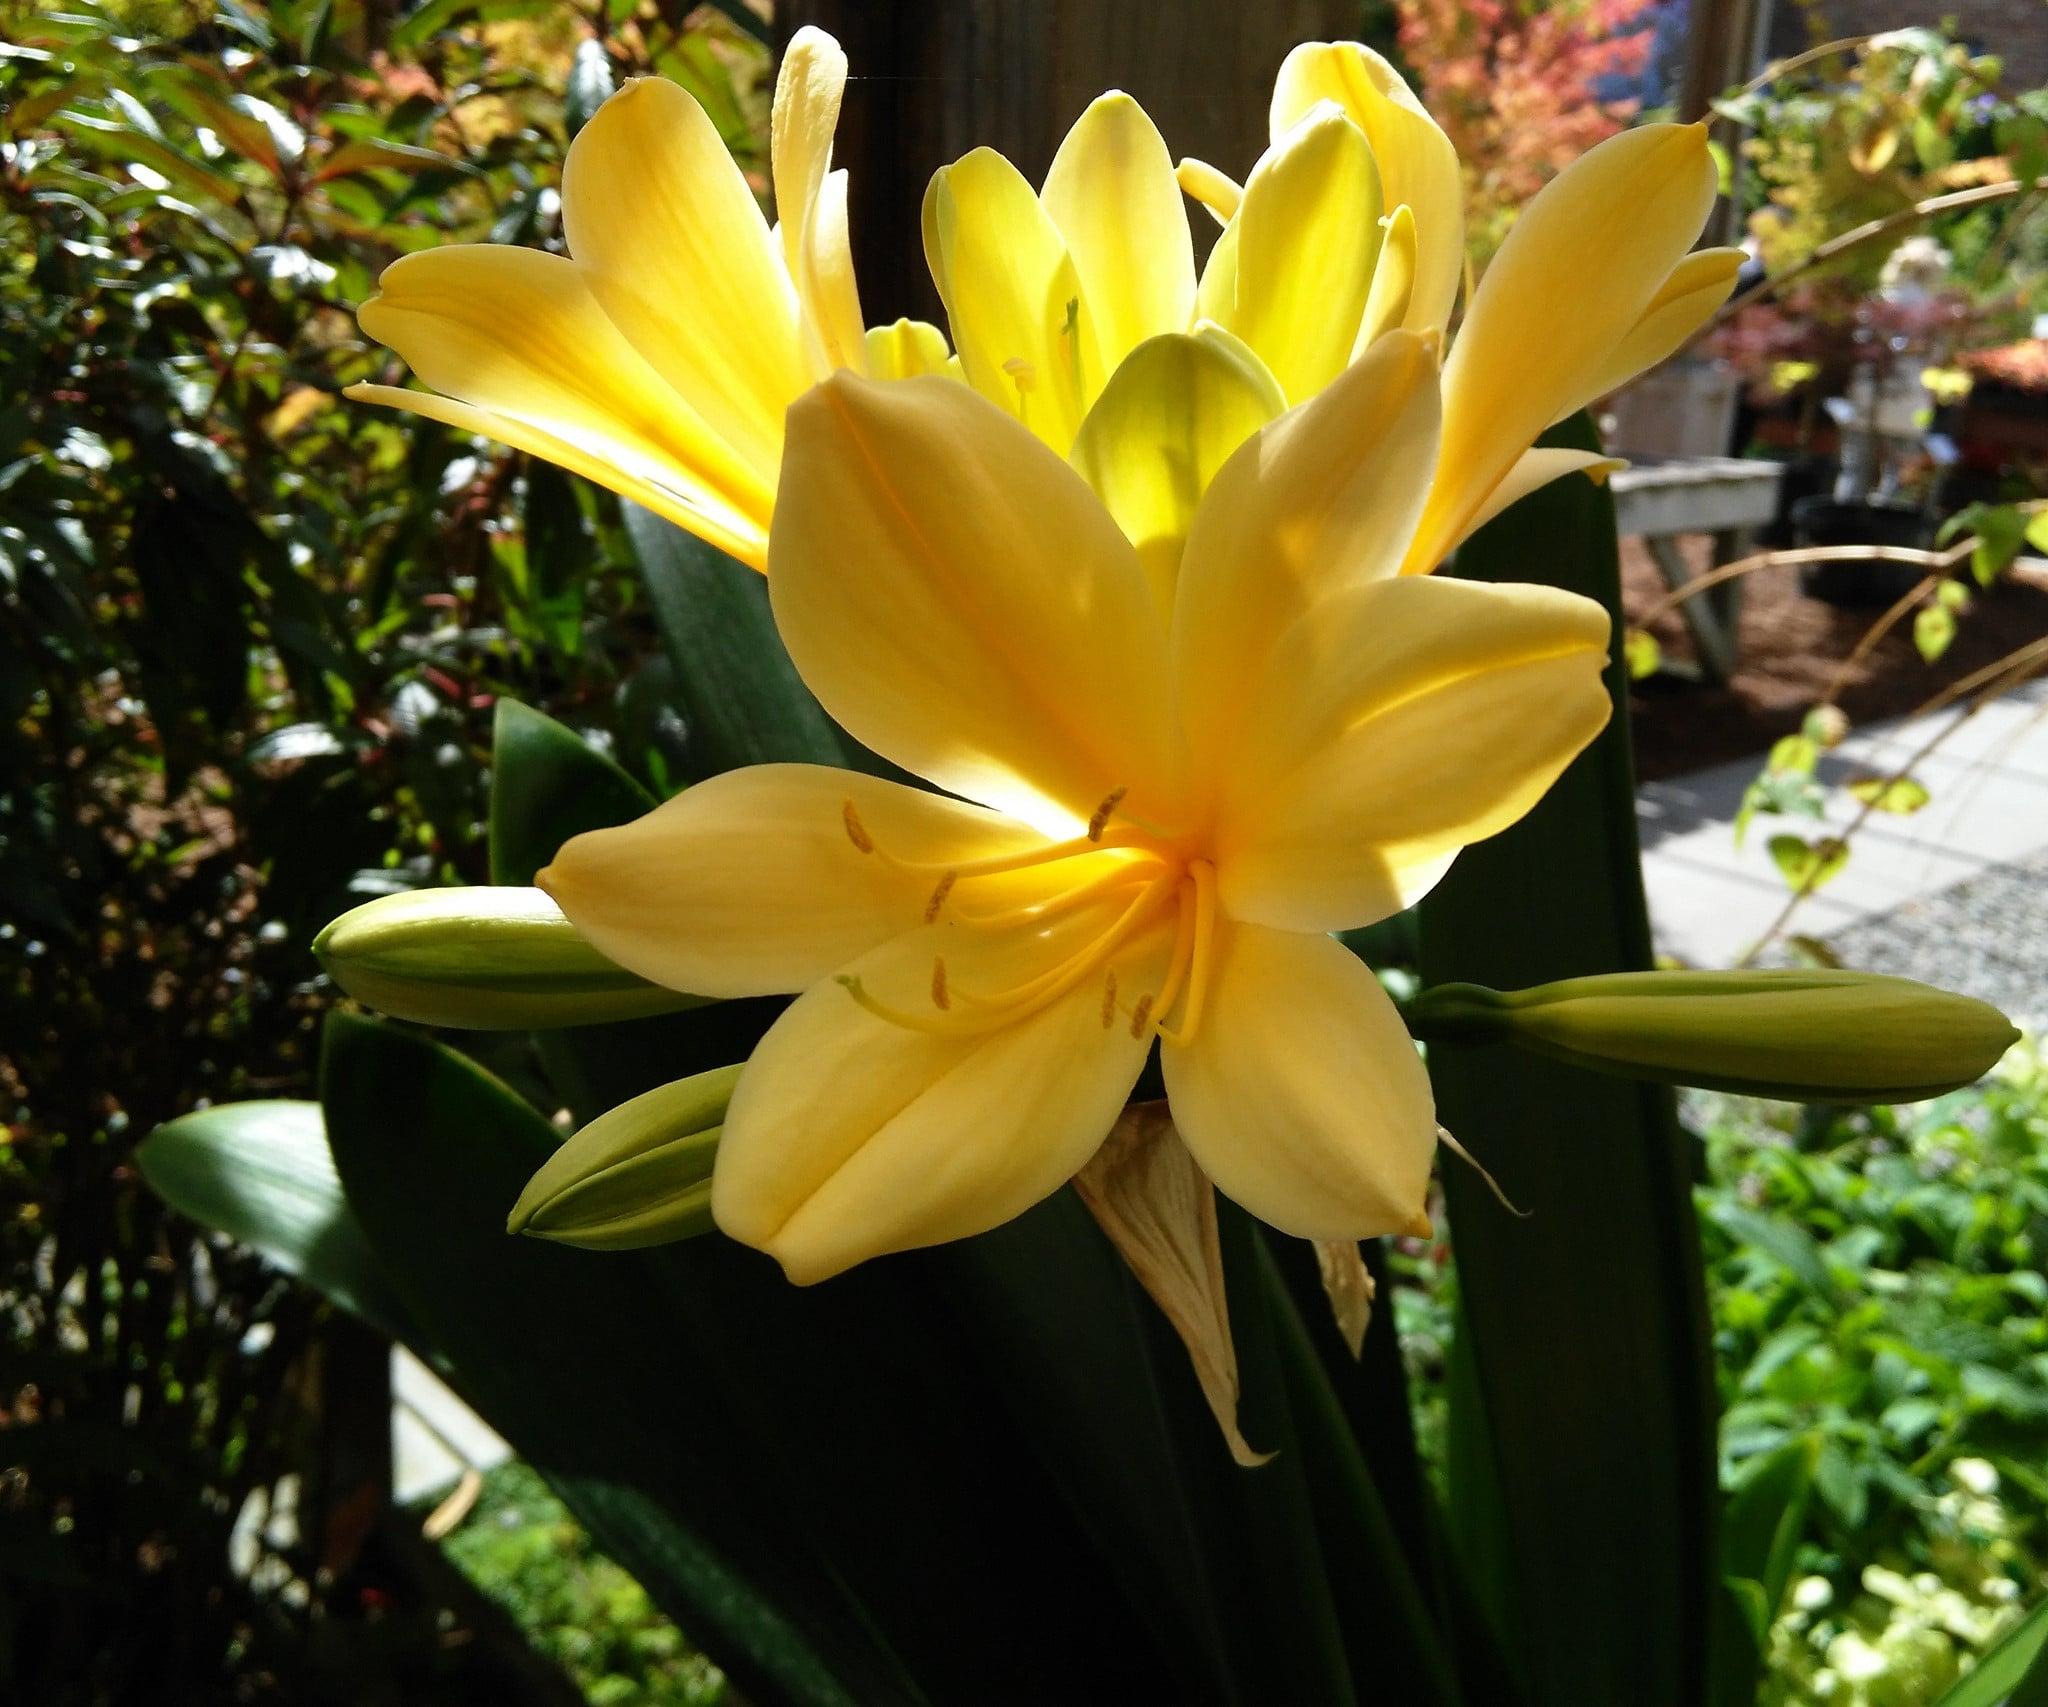 La clivia puede tener flores amarillas